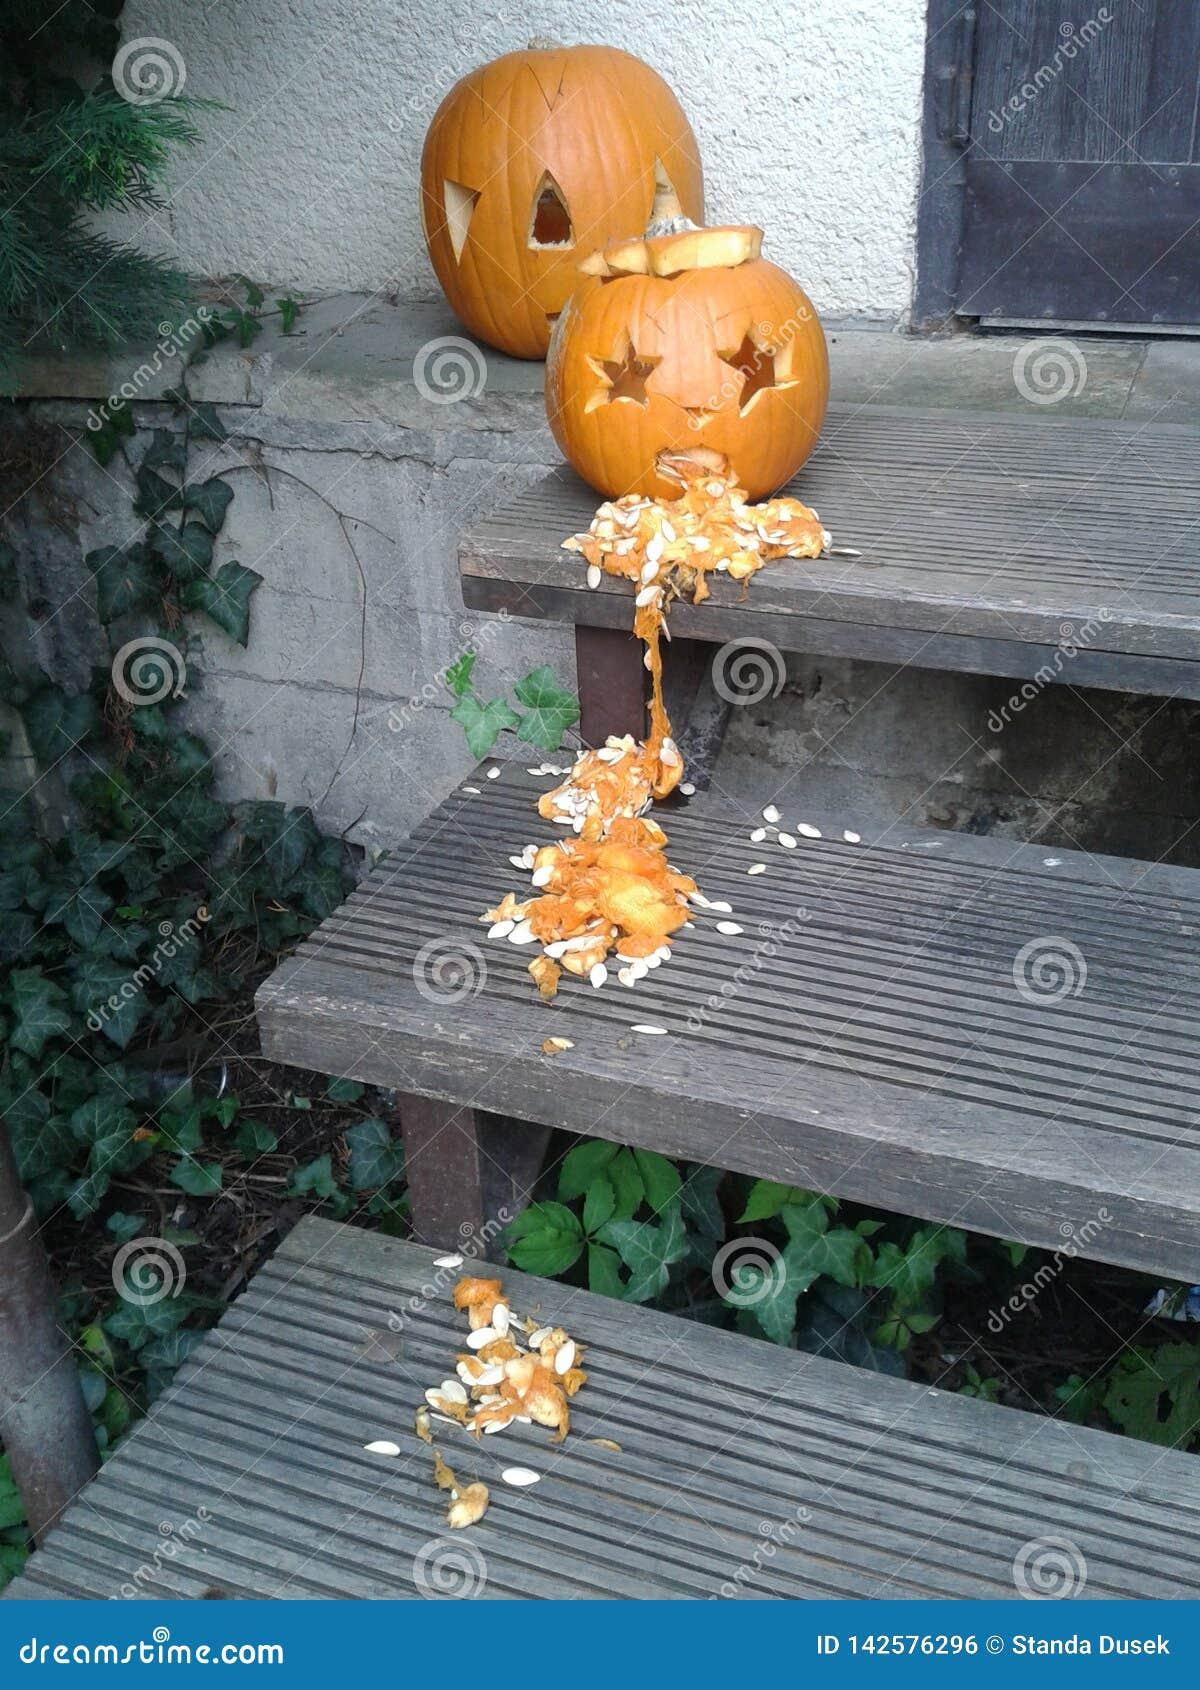 vomiting pumpkin